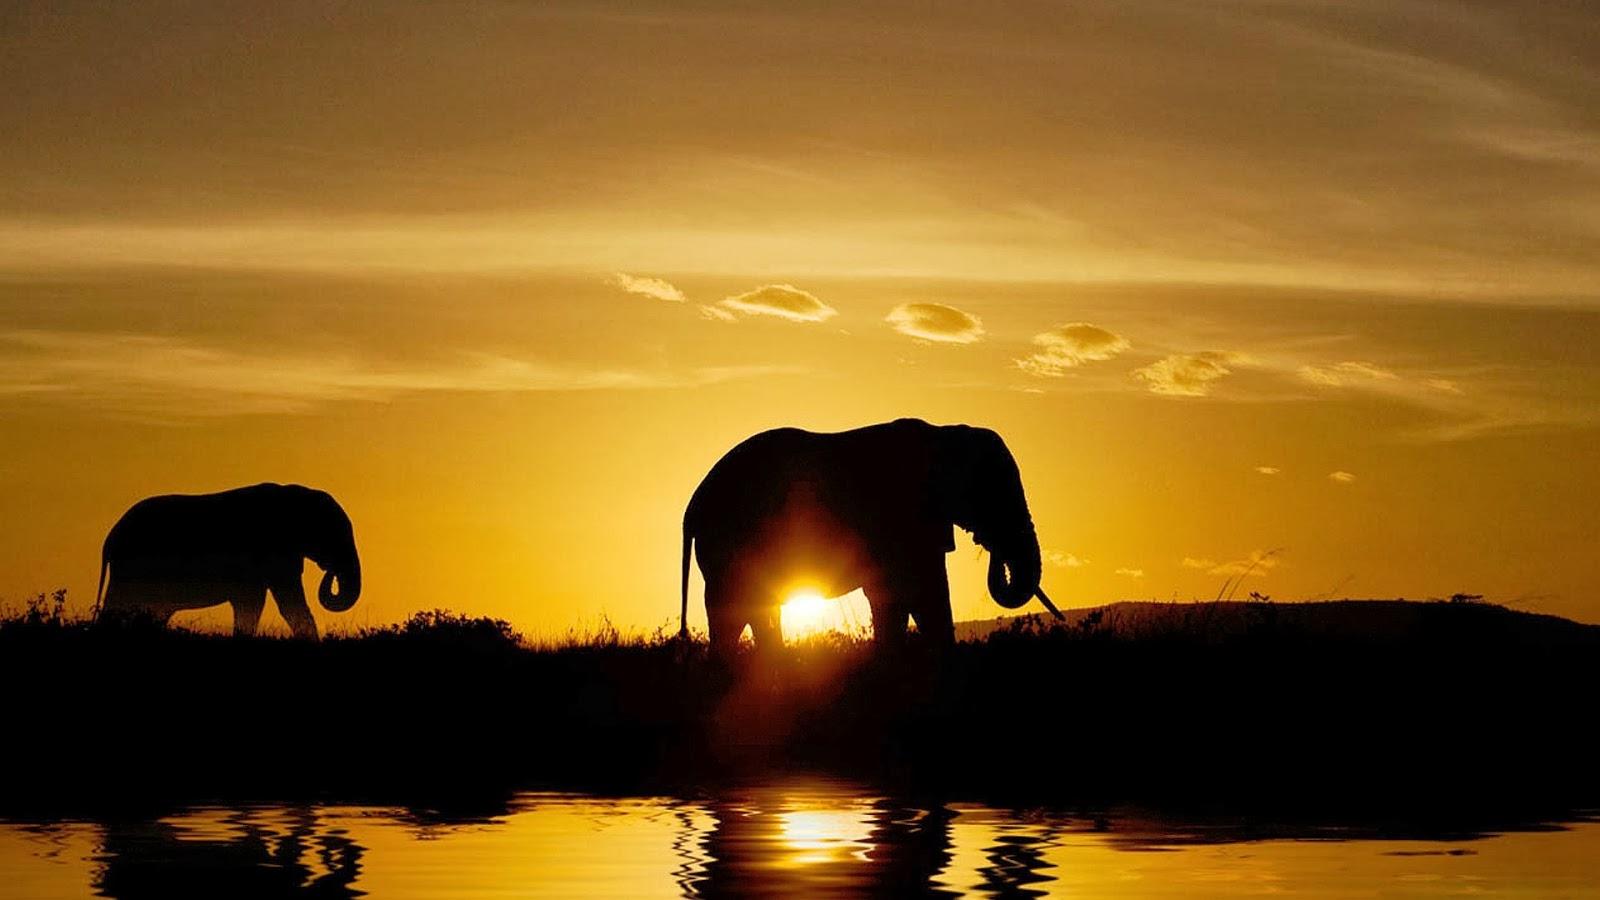 olifanten achtergronden bureaublad - photo #34